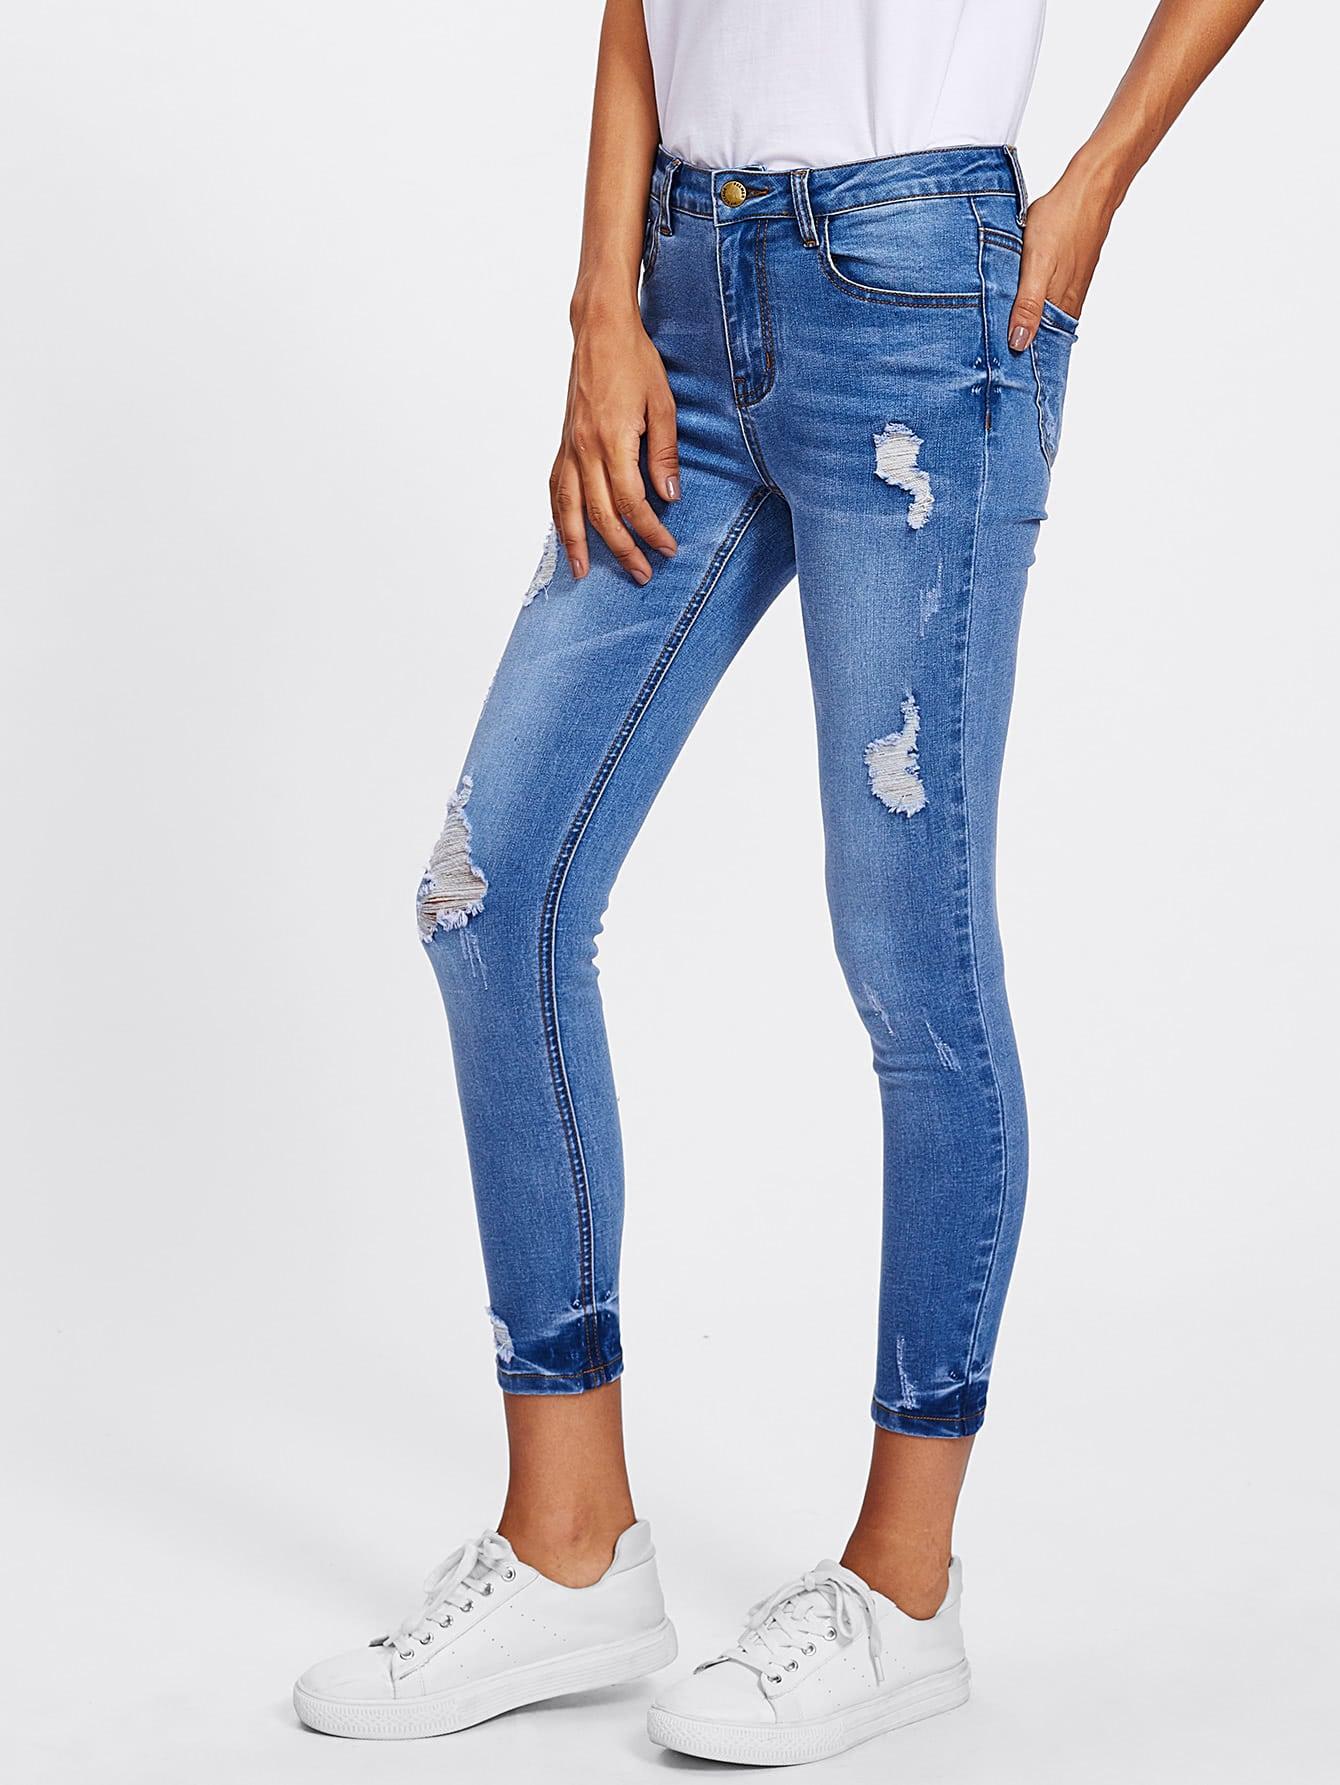 Bleach Wash Rips Detail Jeans